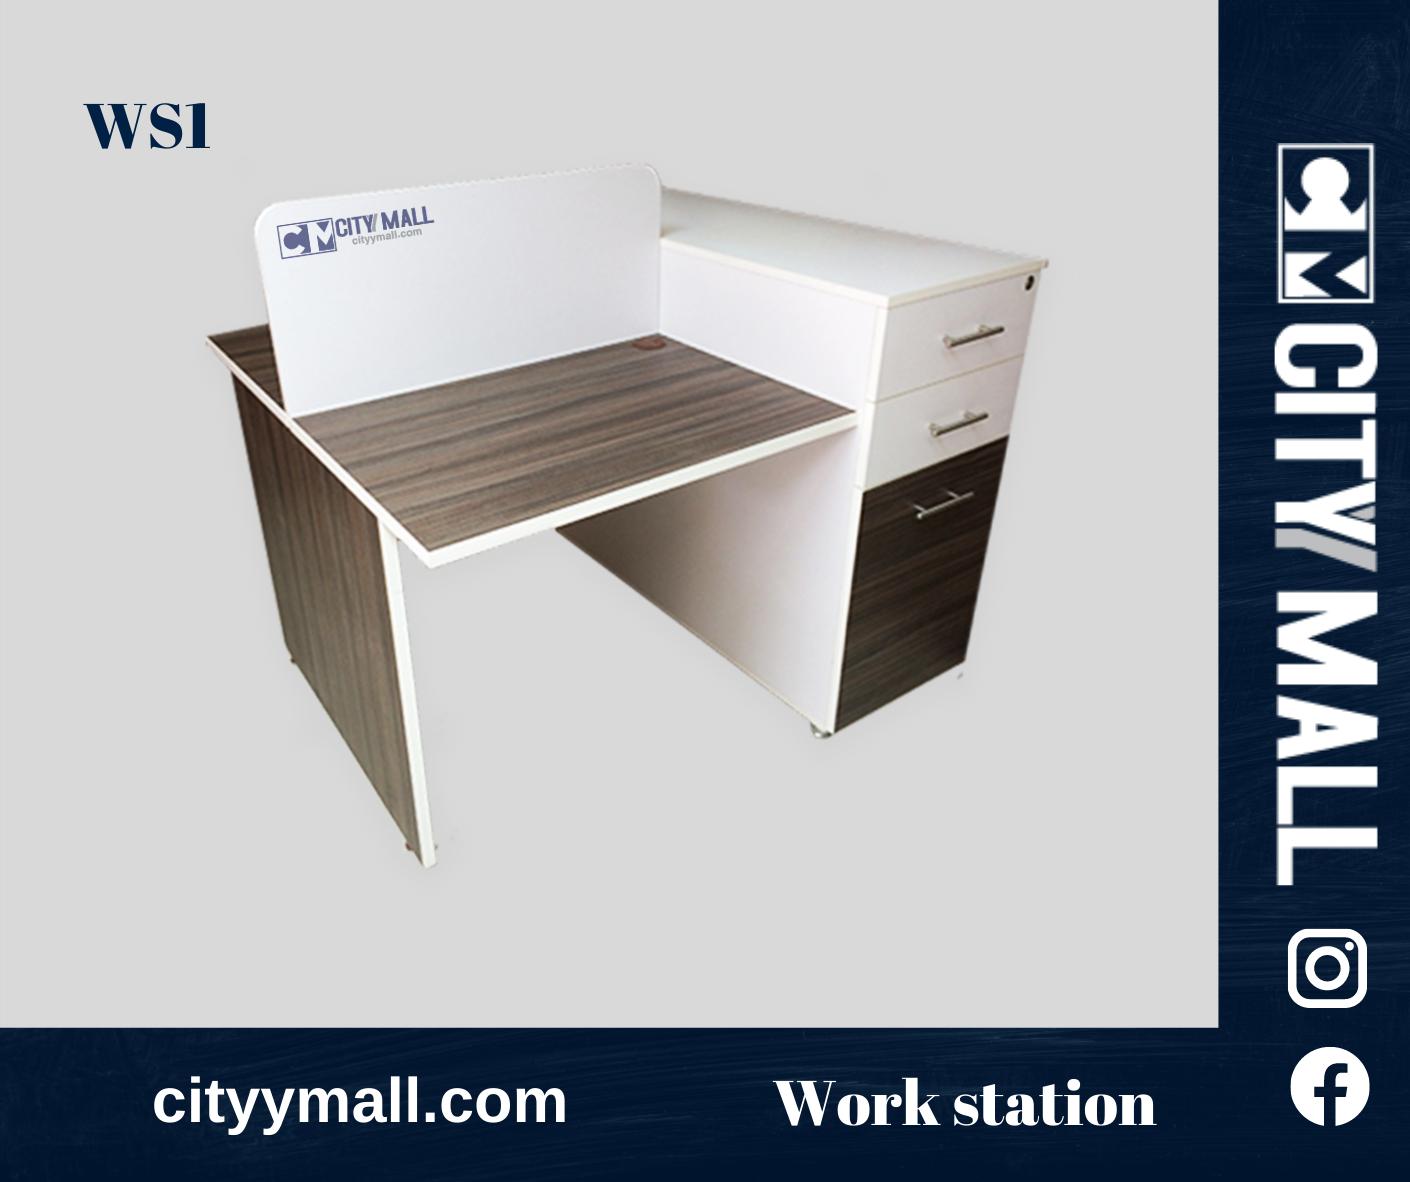 Office Workstation خلايا عمل مودرن مكتبية اثاث مكتبي القاهر Furniture Office Furniture Filing Cabinet